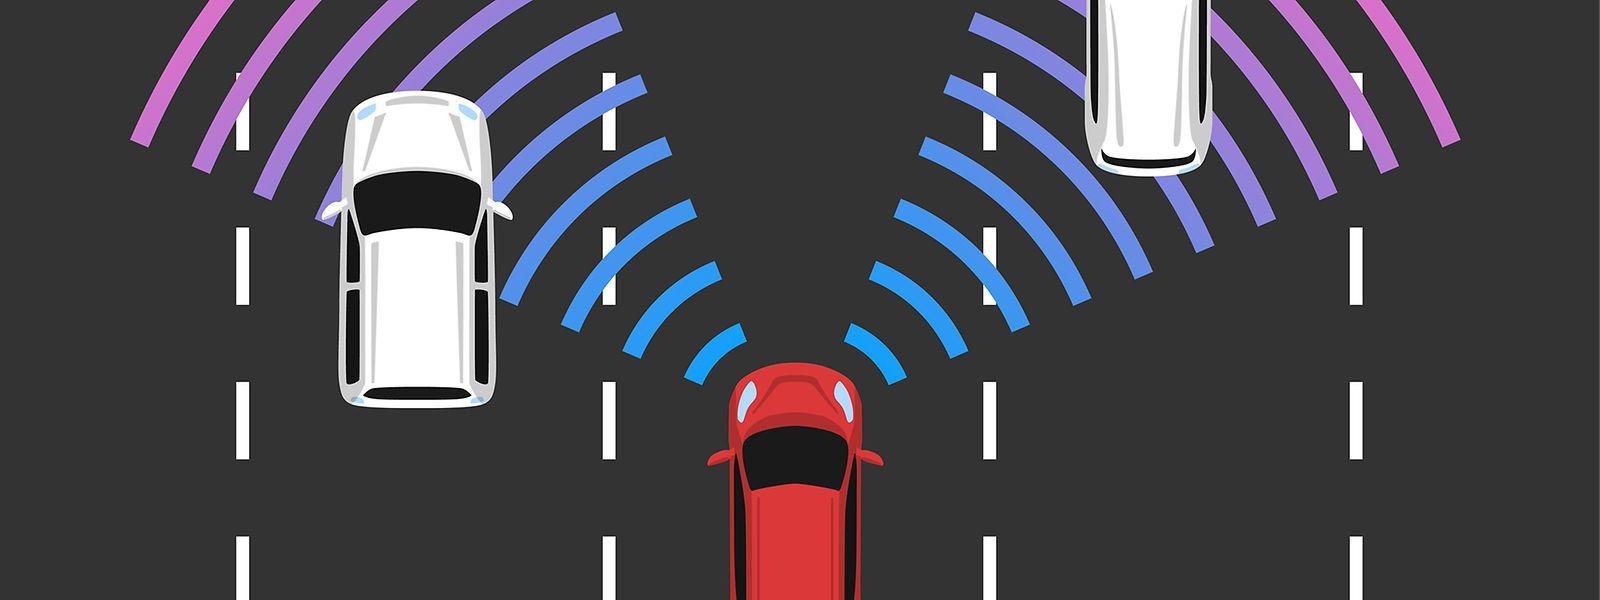 Die Sensoren autonomer Fahrzeuge erkennen nicht nur andere Gefährte, sondern etwa auch Fußgänger. Björn Ottersten und sein Team wollen sie noch smarter und aktiver machen.